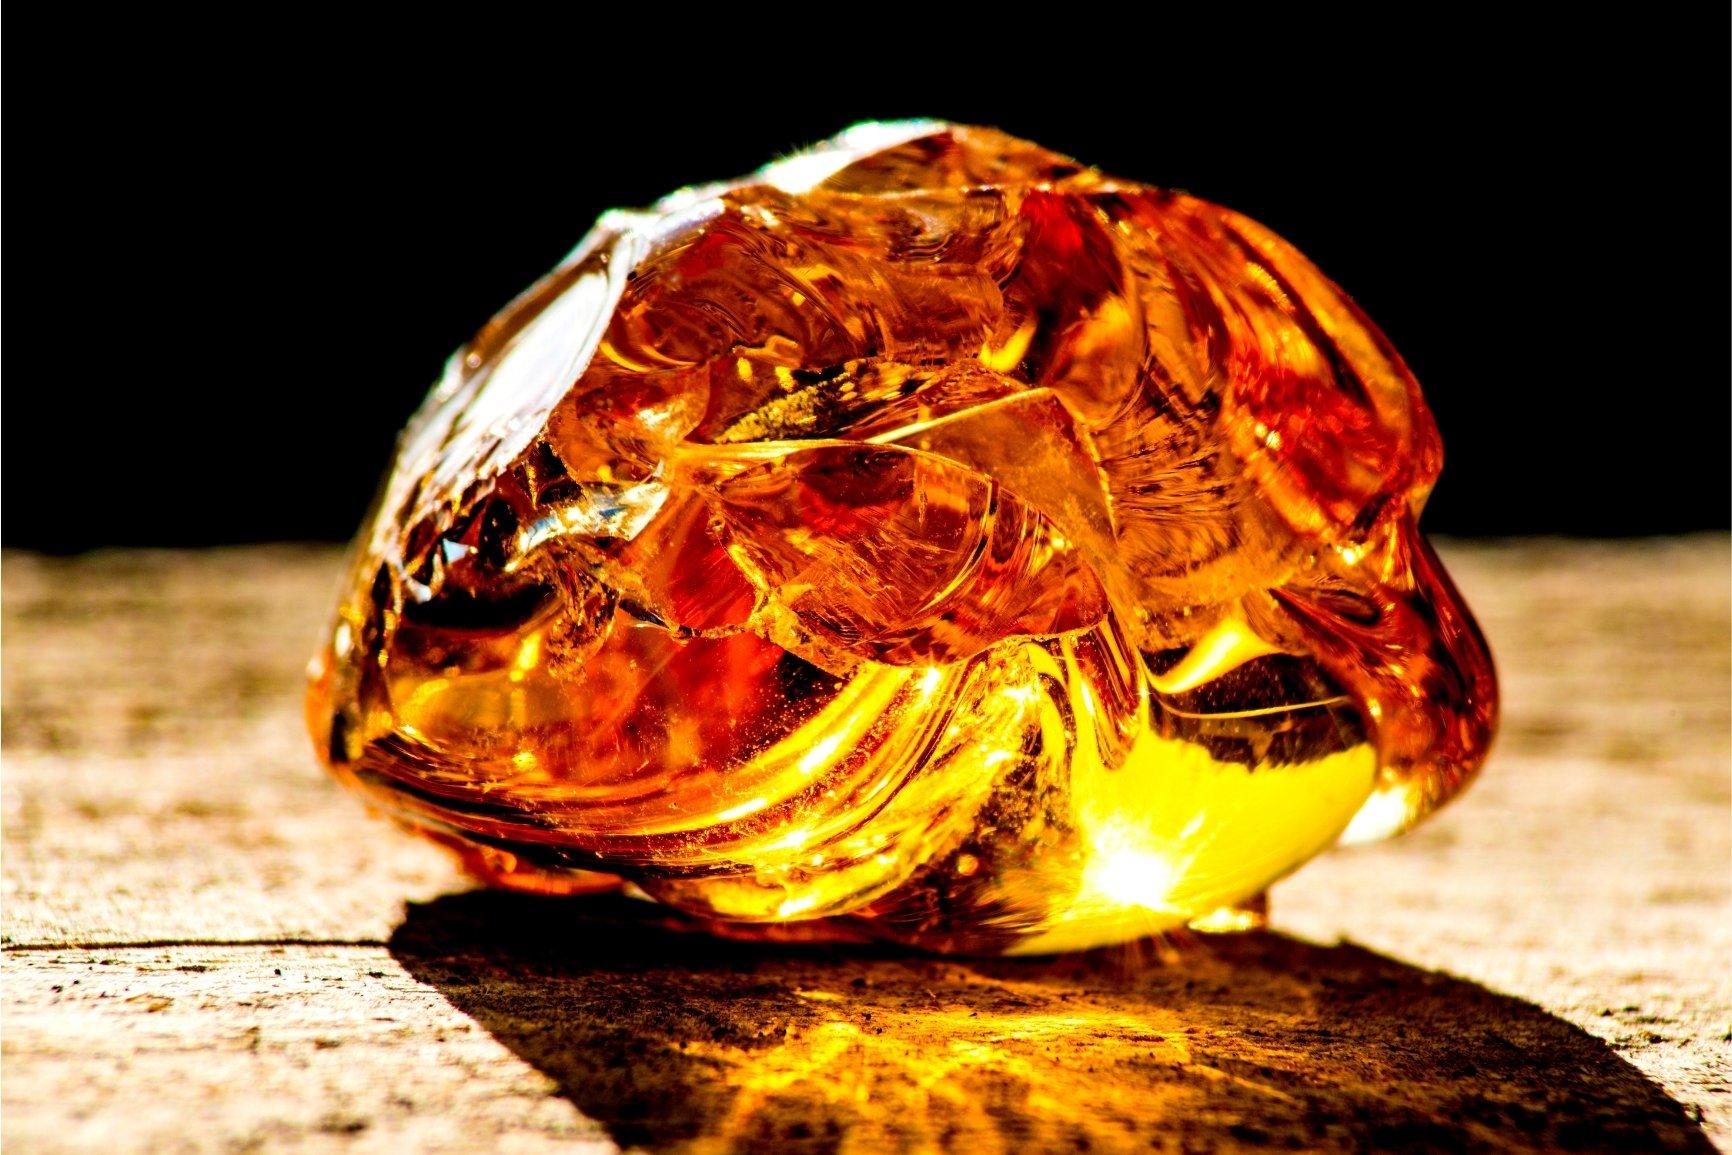 essenze per diffusori ambra preziosa